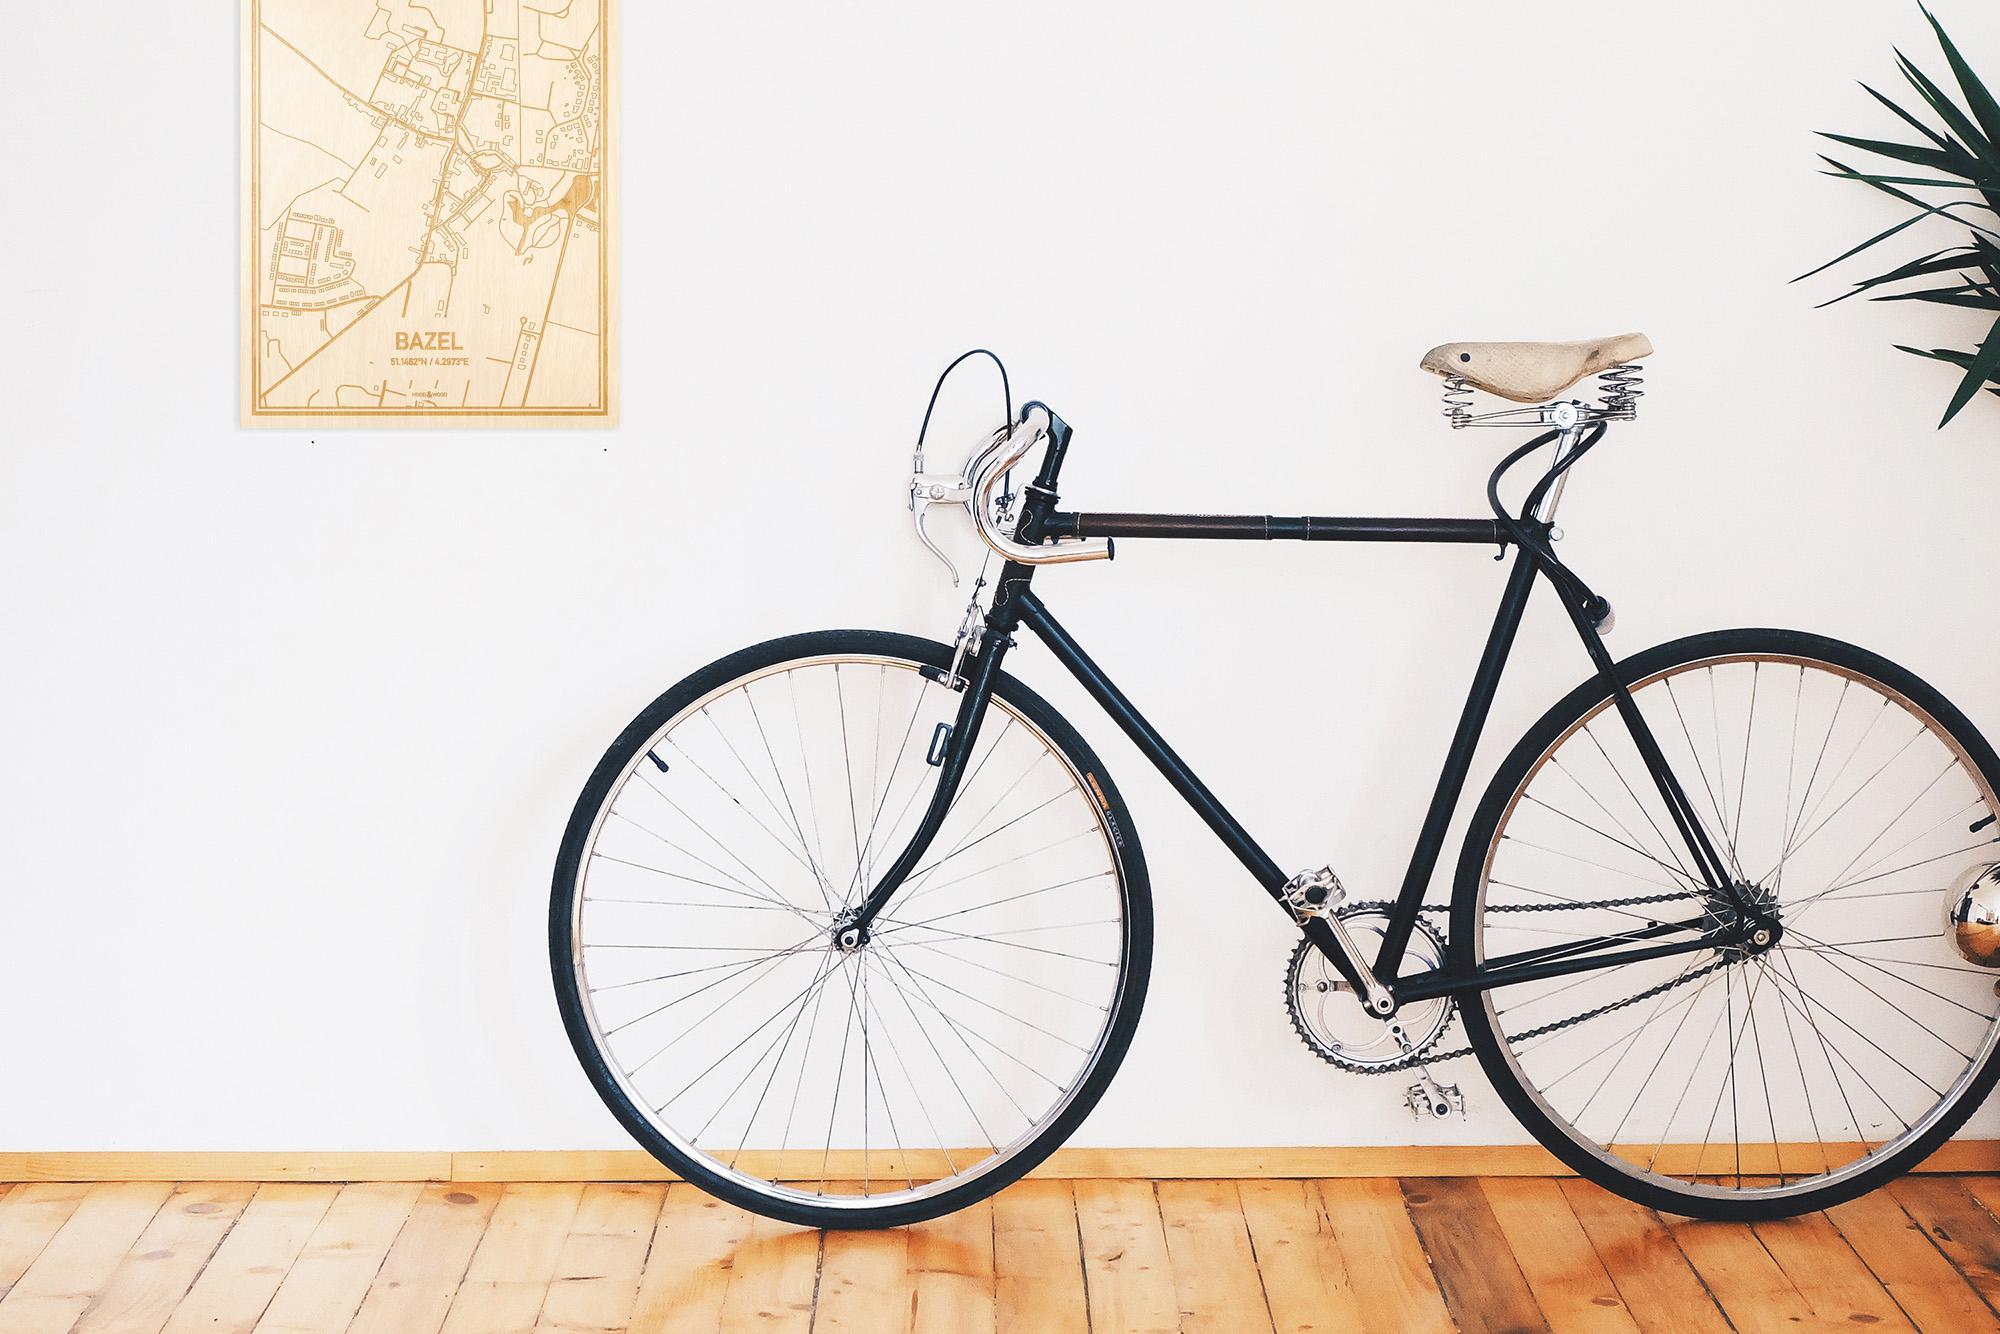 Een snelle fiets in een uniek interieur in Oost-Vlaanderen  met mooie decoratie zoals de plattegrond Bazel.